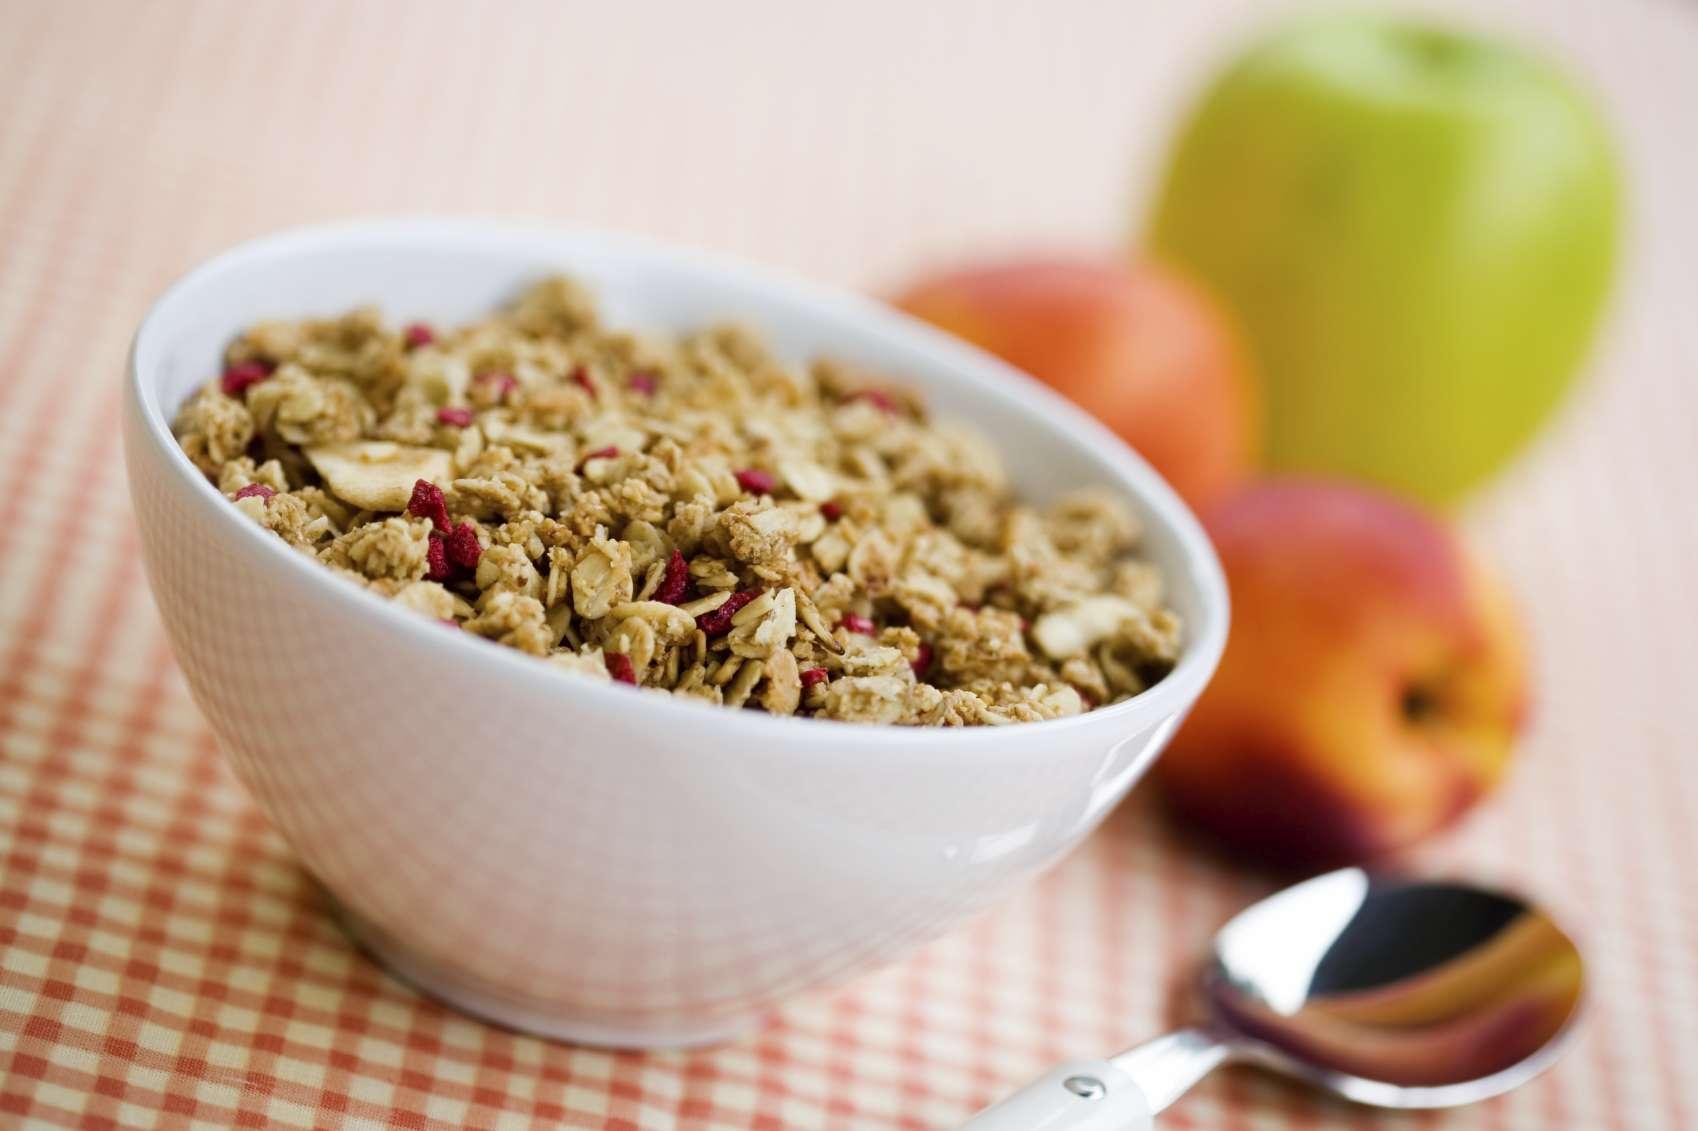 La granola o muesli tiene un alto contenido calórico, basta mirar la información nutrimental. Foto: iStock